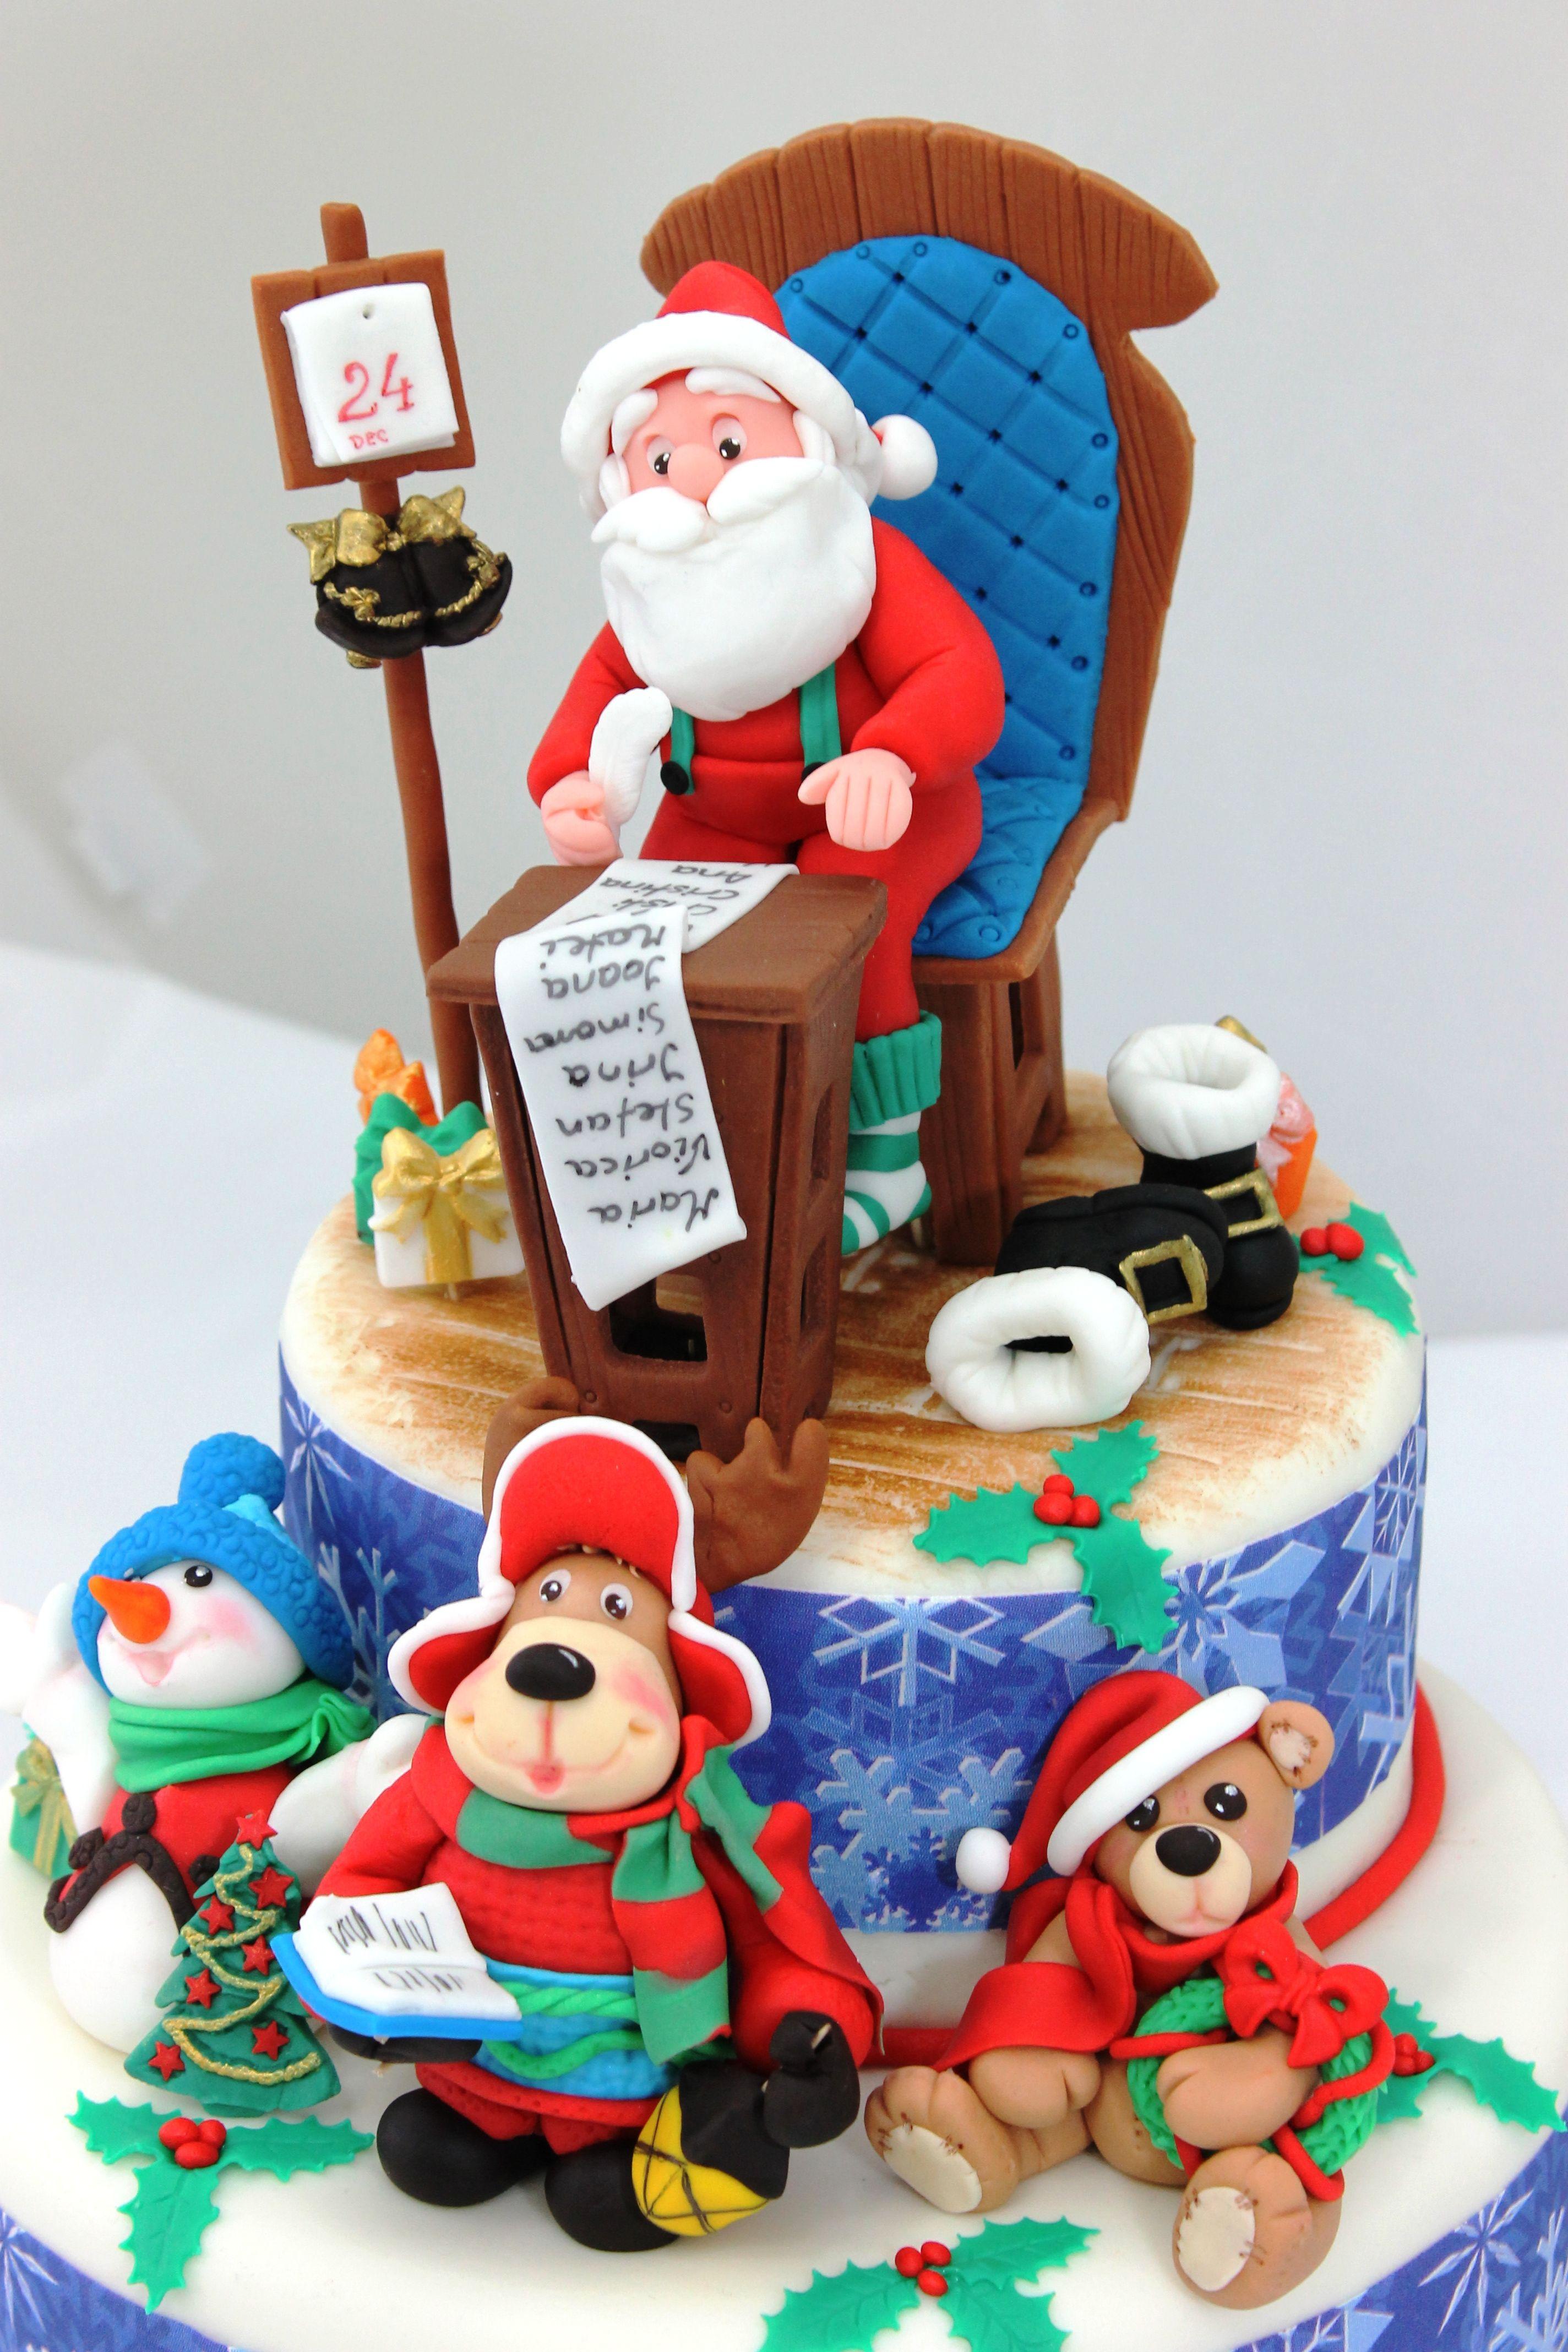 Christmas Cake Christmas Cake Send Us Your Favorite Christmas